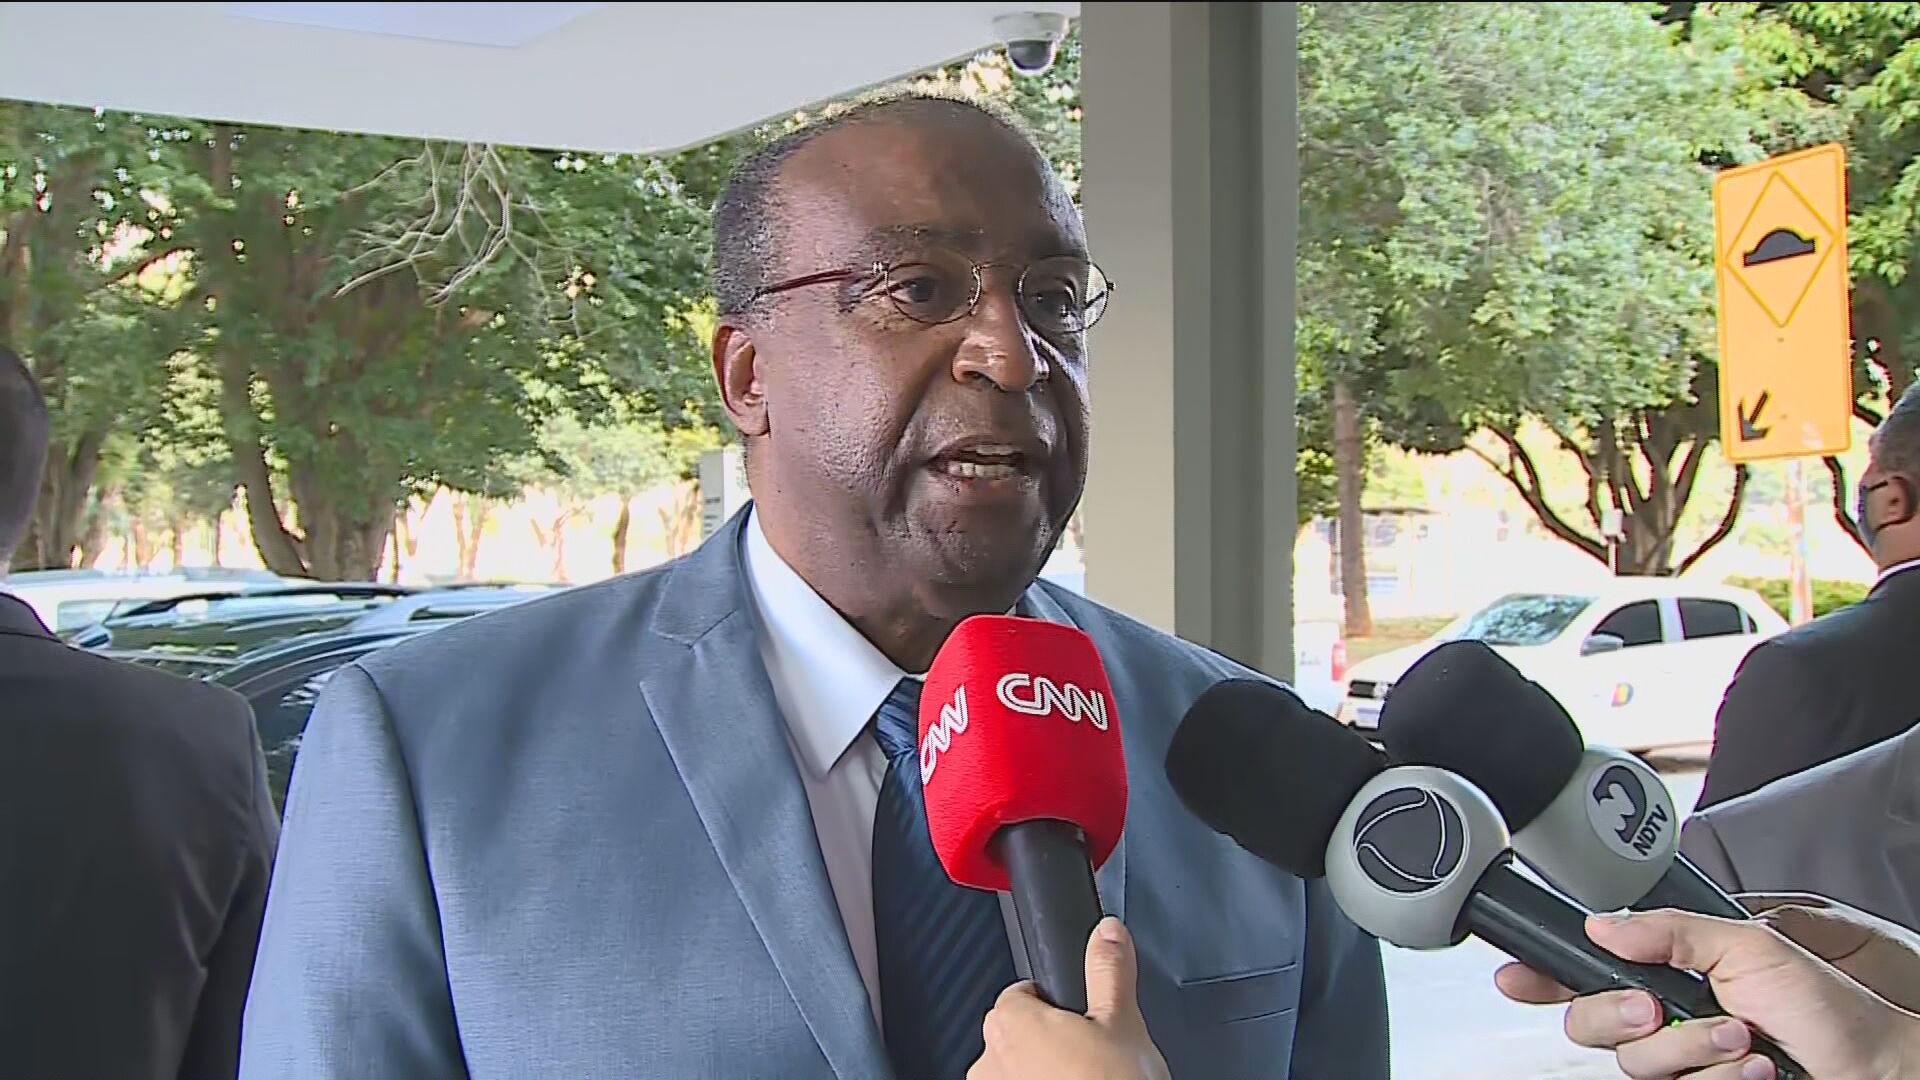 O professor Carlos Alberto Decotelli da Silva, novo ministro da Educação, fala a